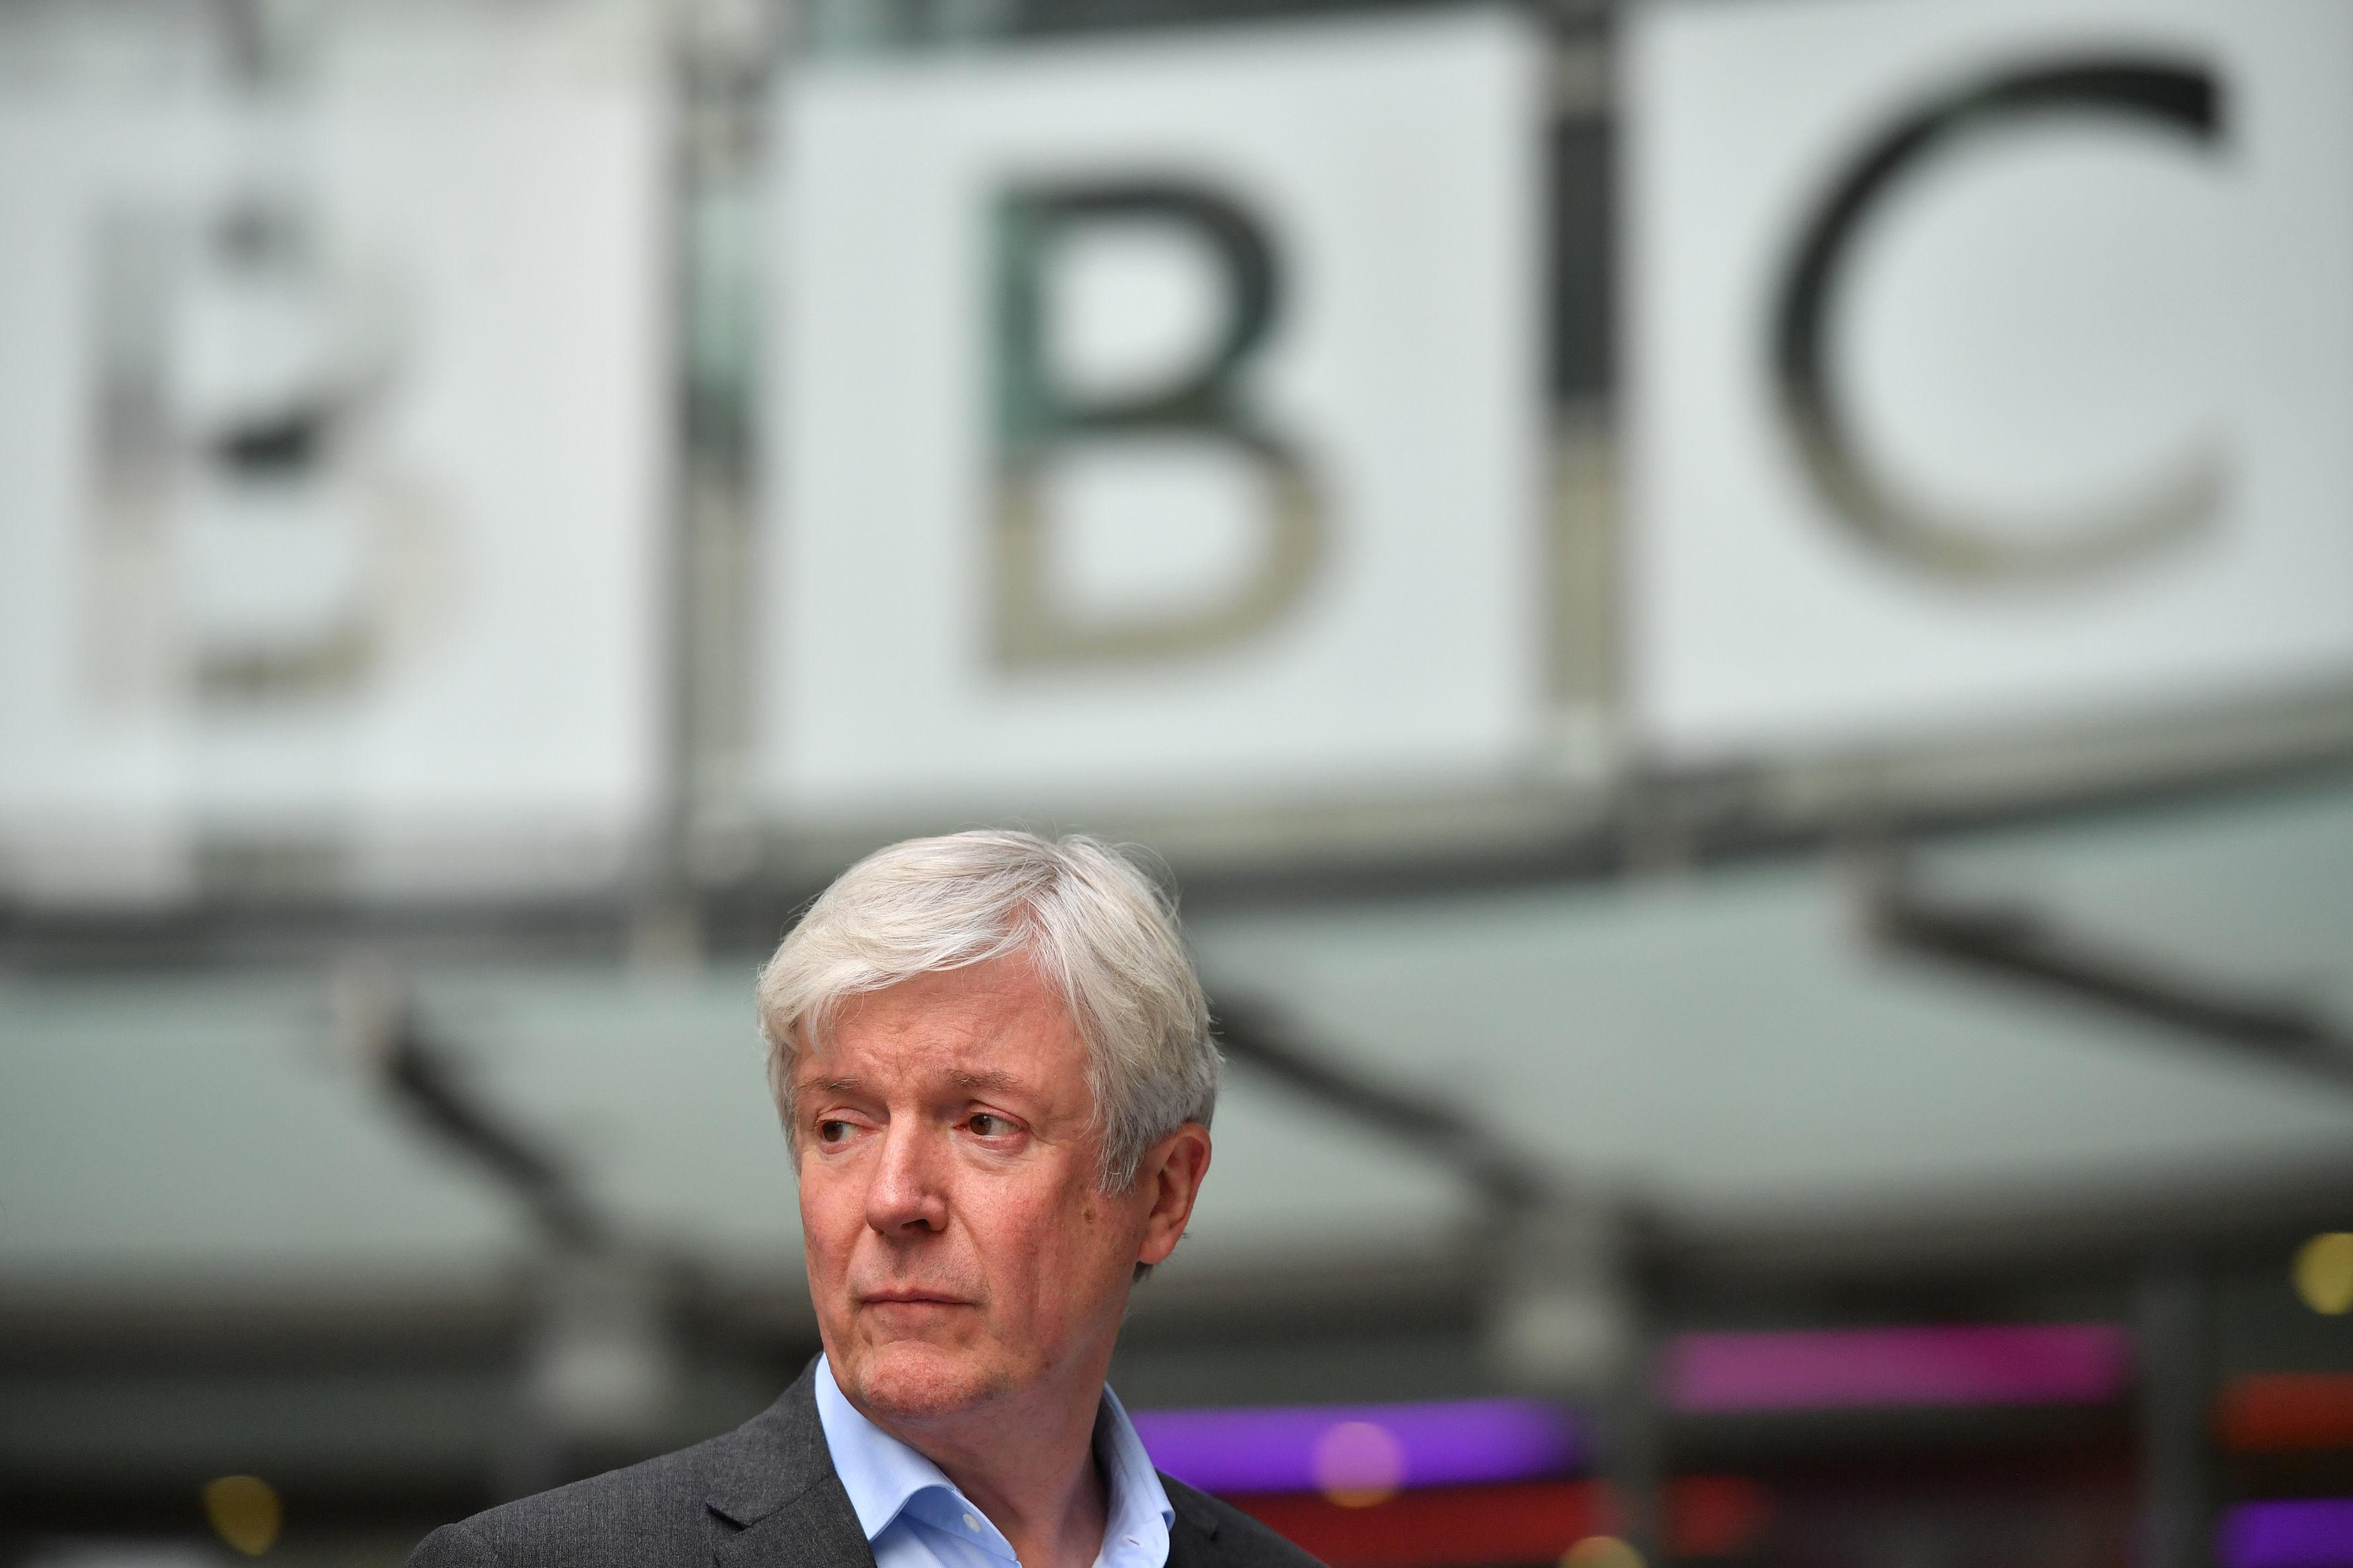 Princess Diana interview: Designer Matt Wiessler 'angry' at BBC treatment